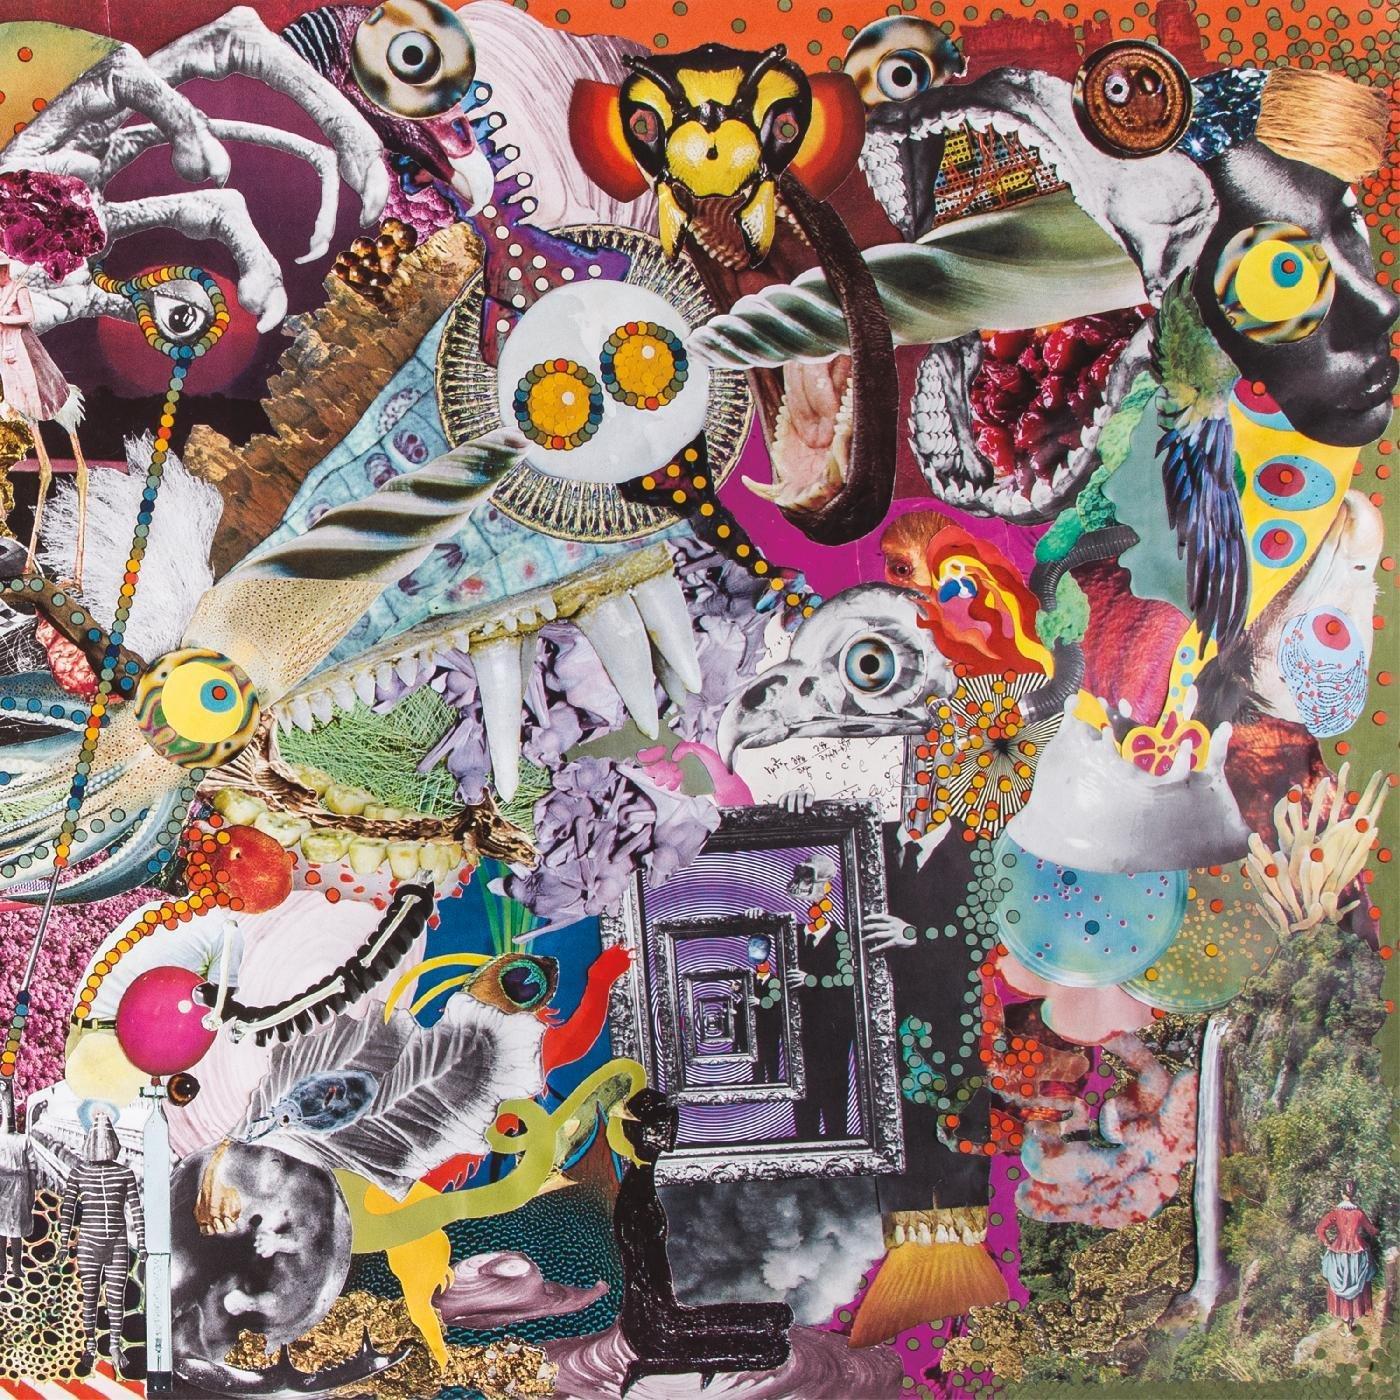 Cassette : Giraffes Giraffes - Memory Lame (Cassette)